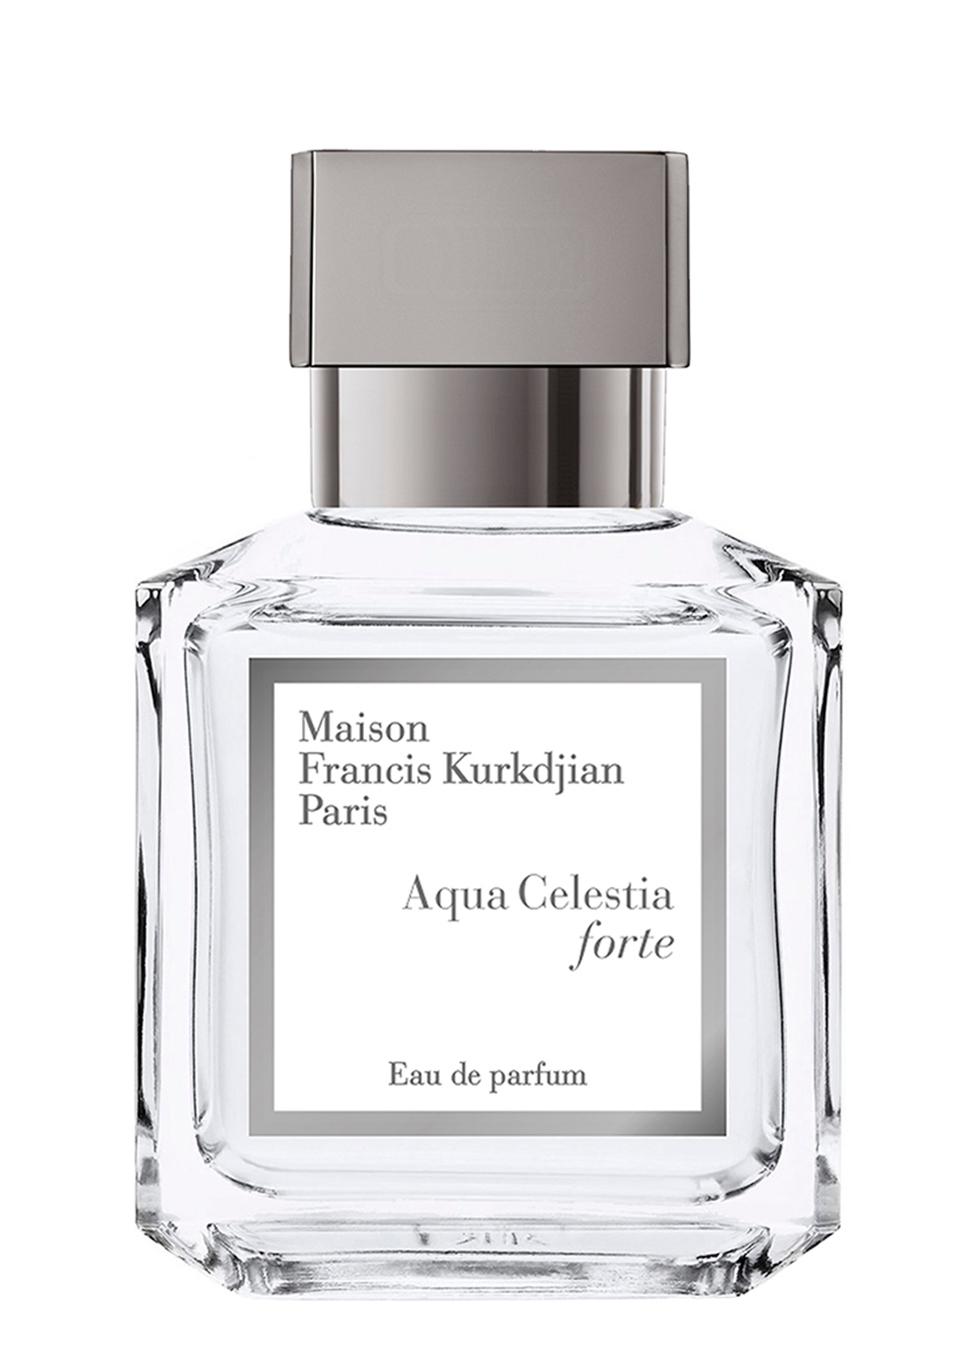 Aqua Celestia Forte Eau De Parfum 70ml